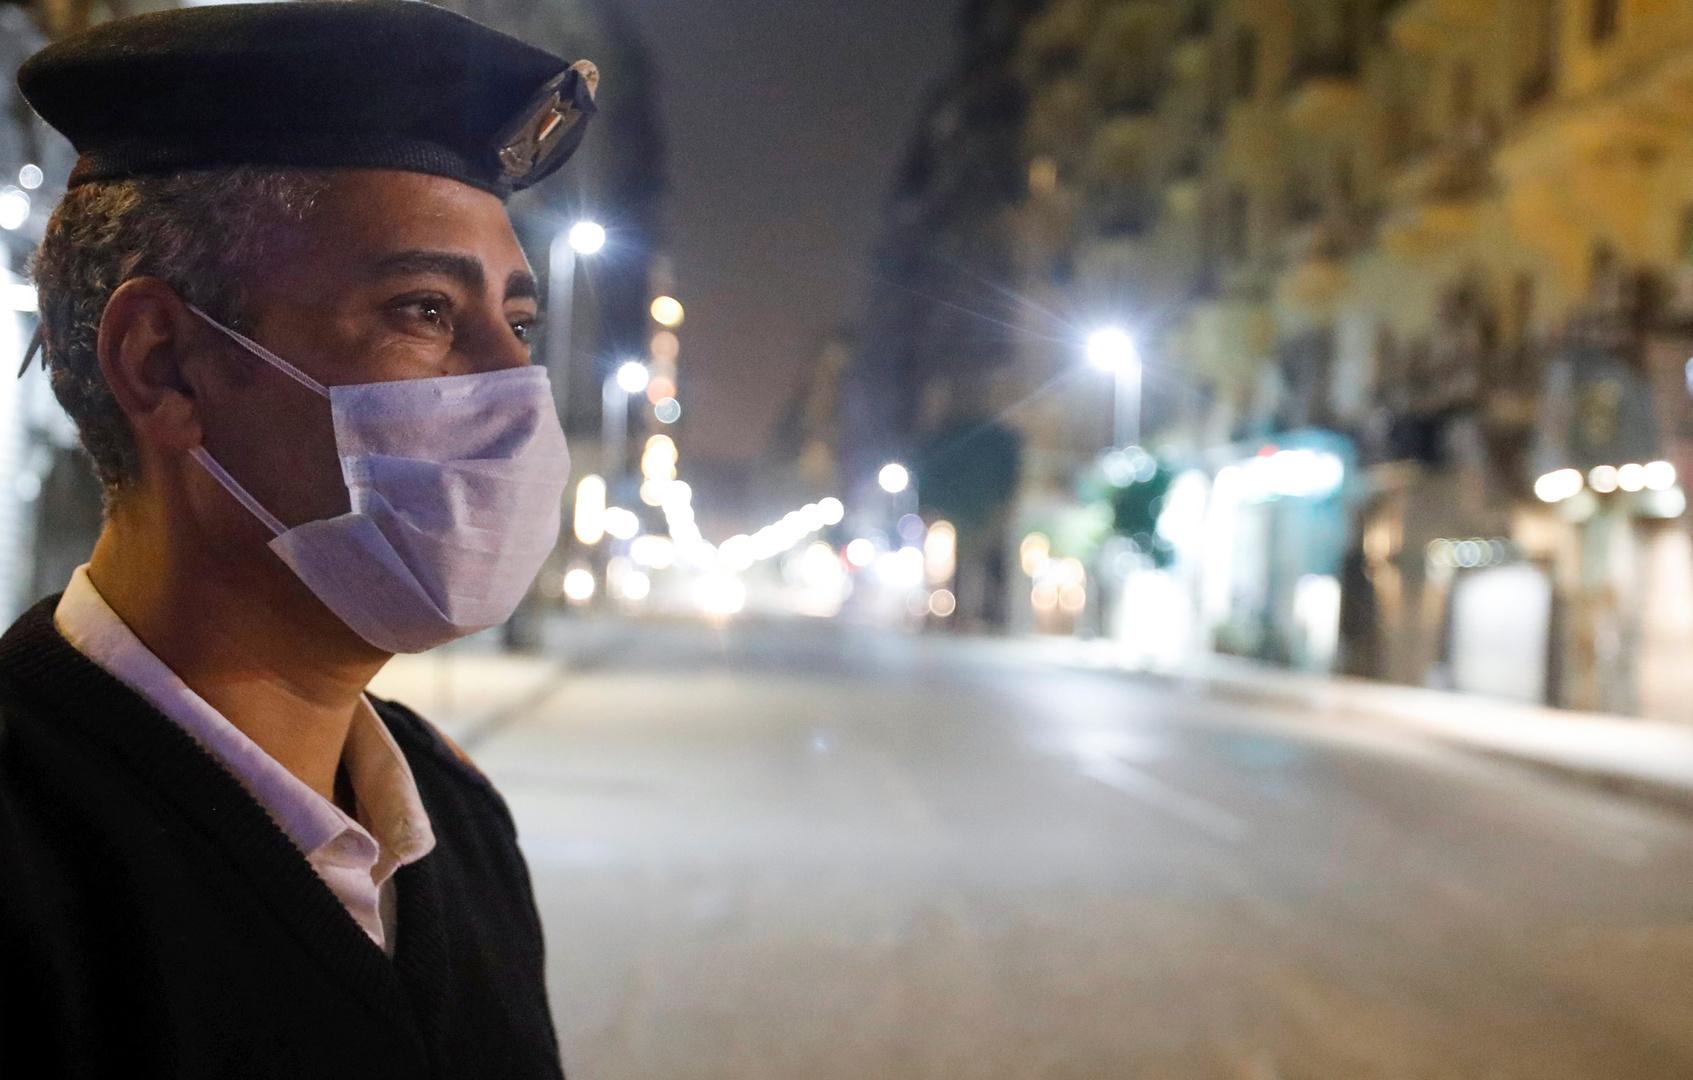 مصر.. القبض على مئات المصريين بسبب حظر التجول